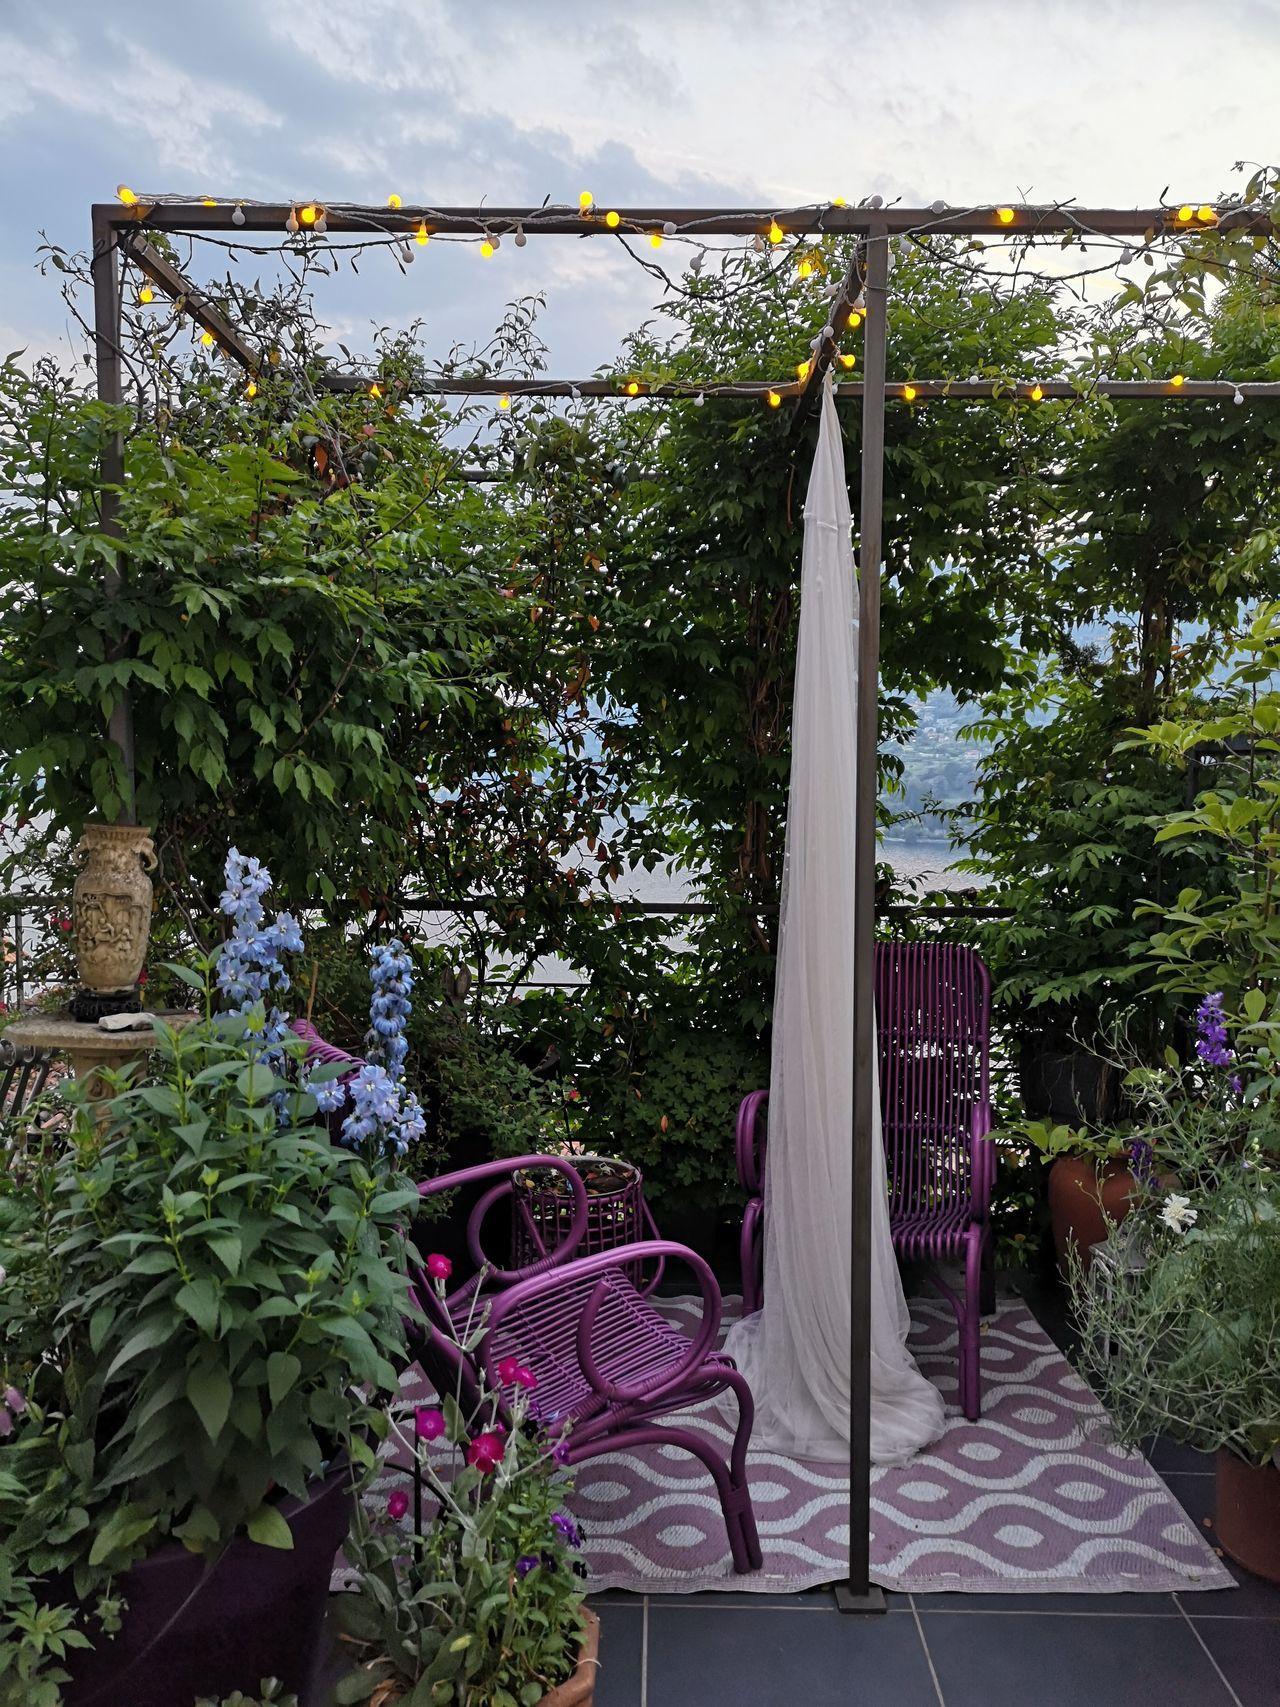 Idea per un terrazzo luccicoso e scenografico alla Moira Orfei Blossomzine